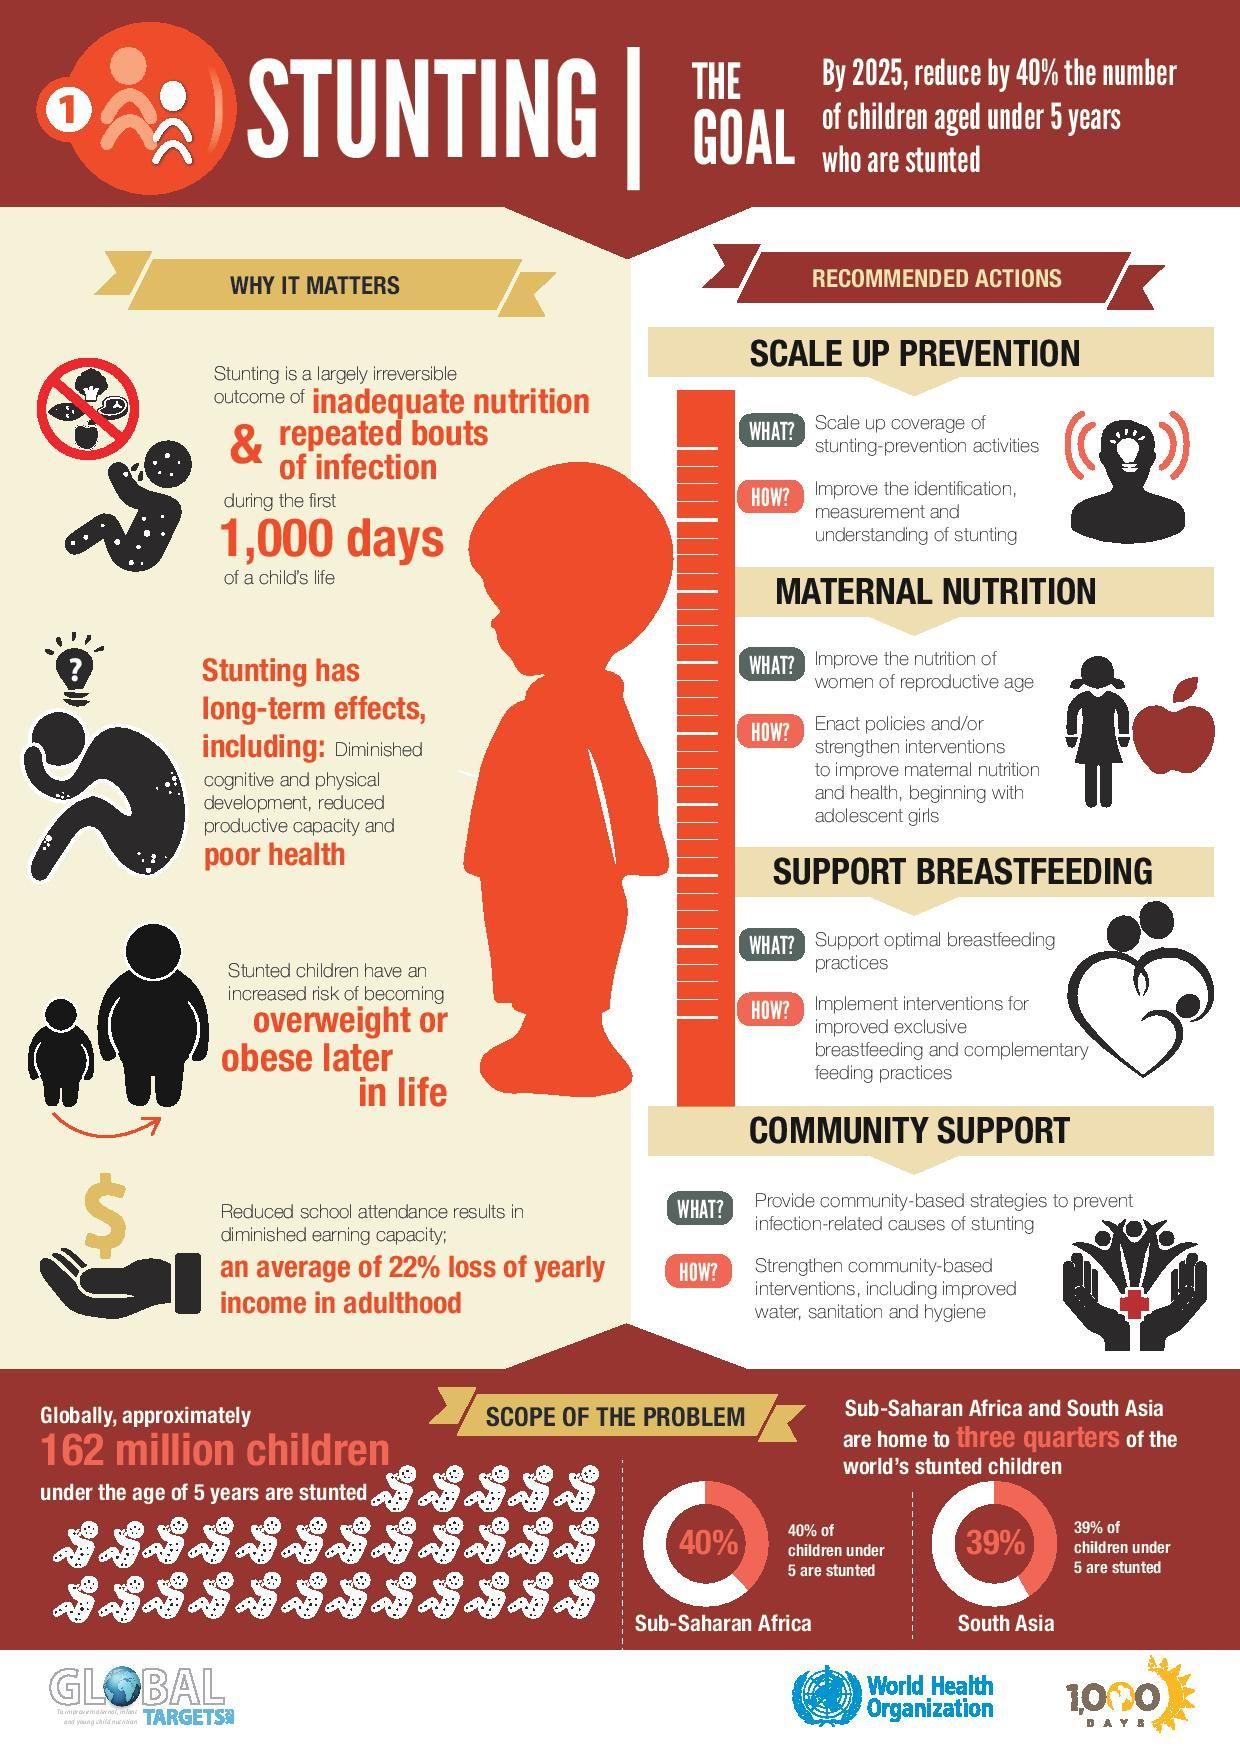 Panduan Pola Makan untuk Penderita HIV/ AIDS